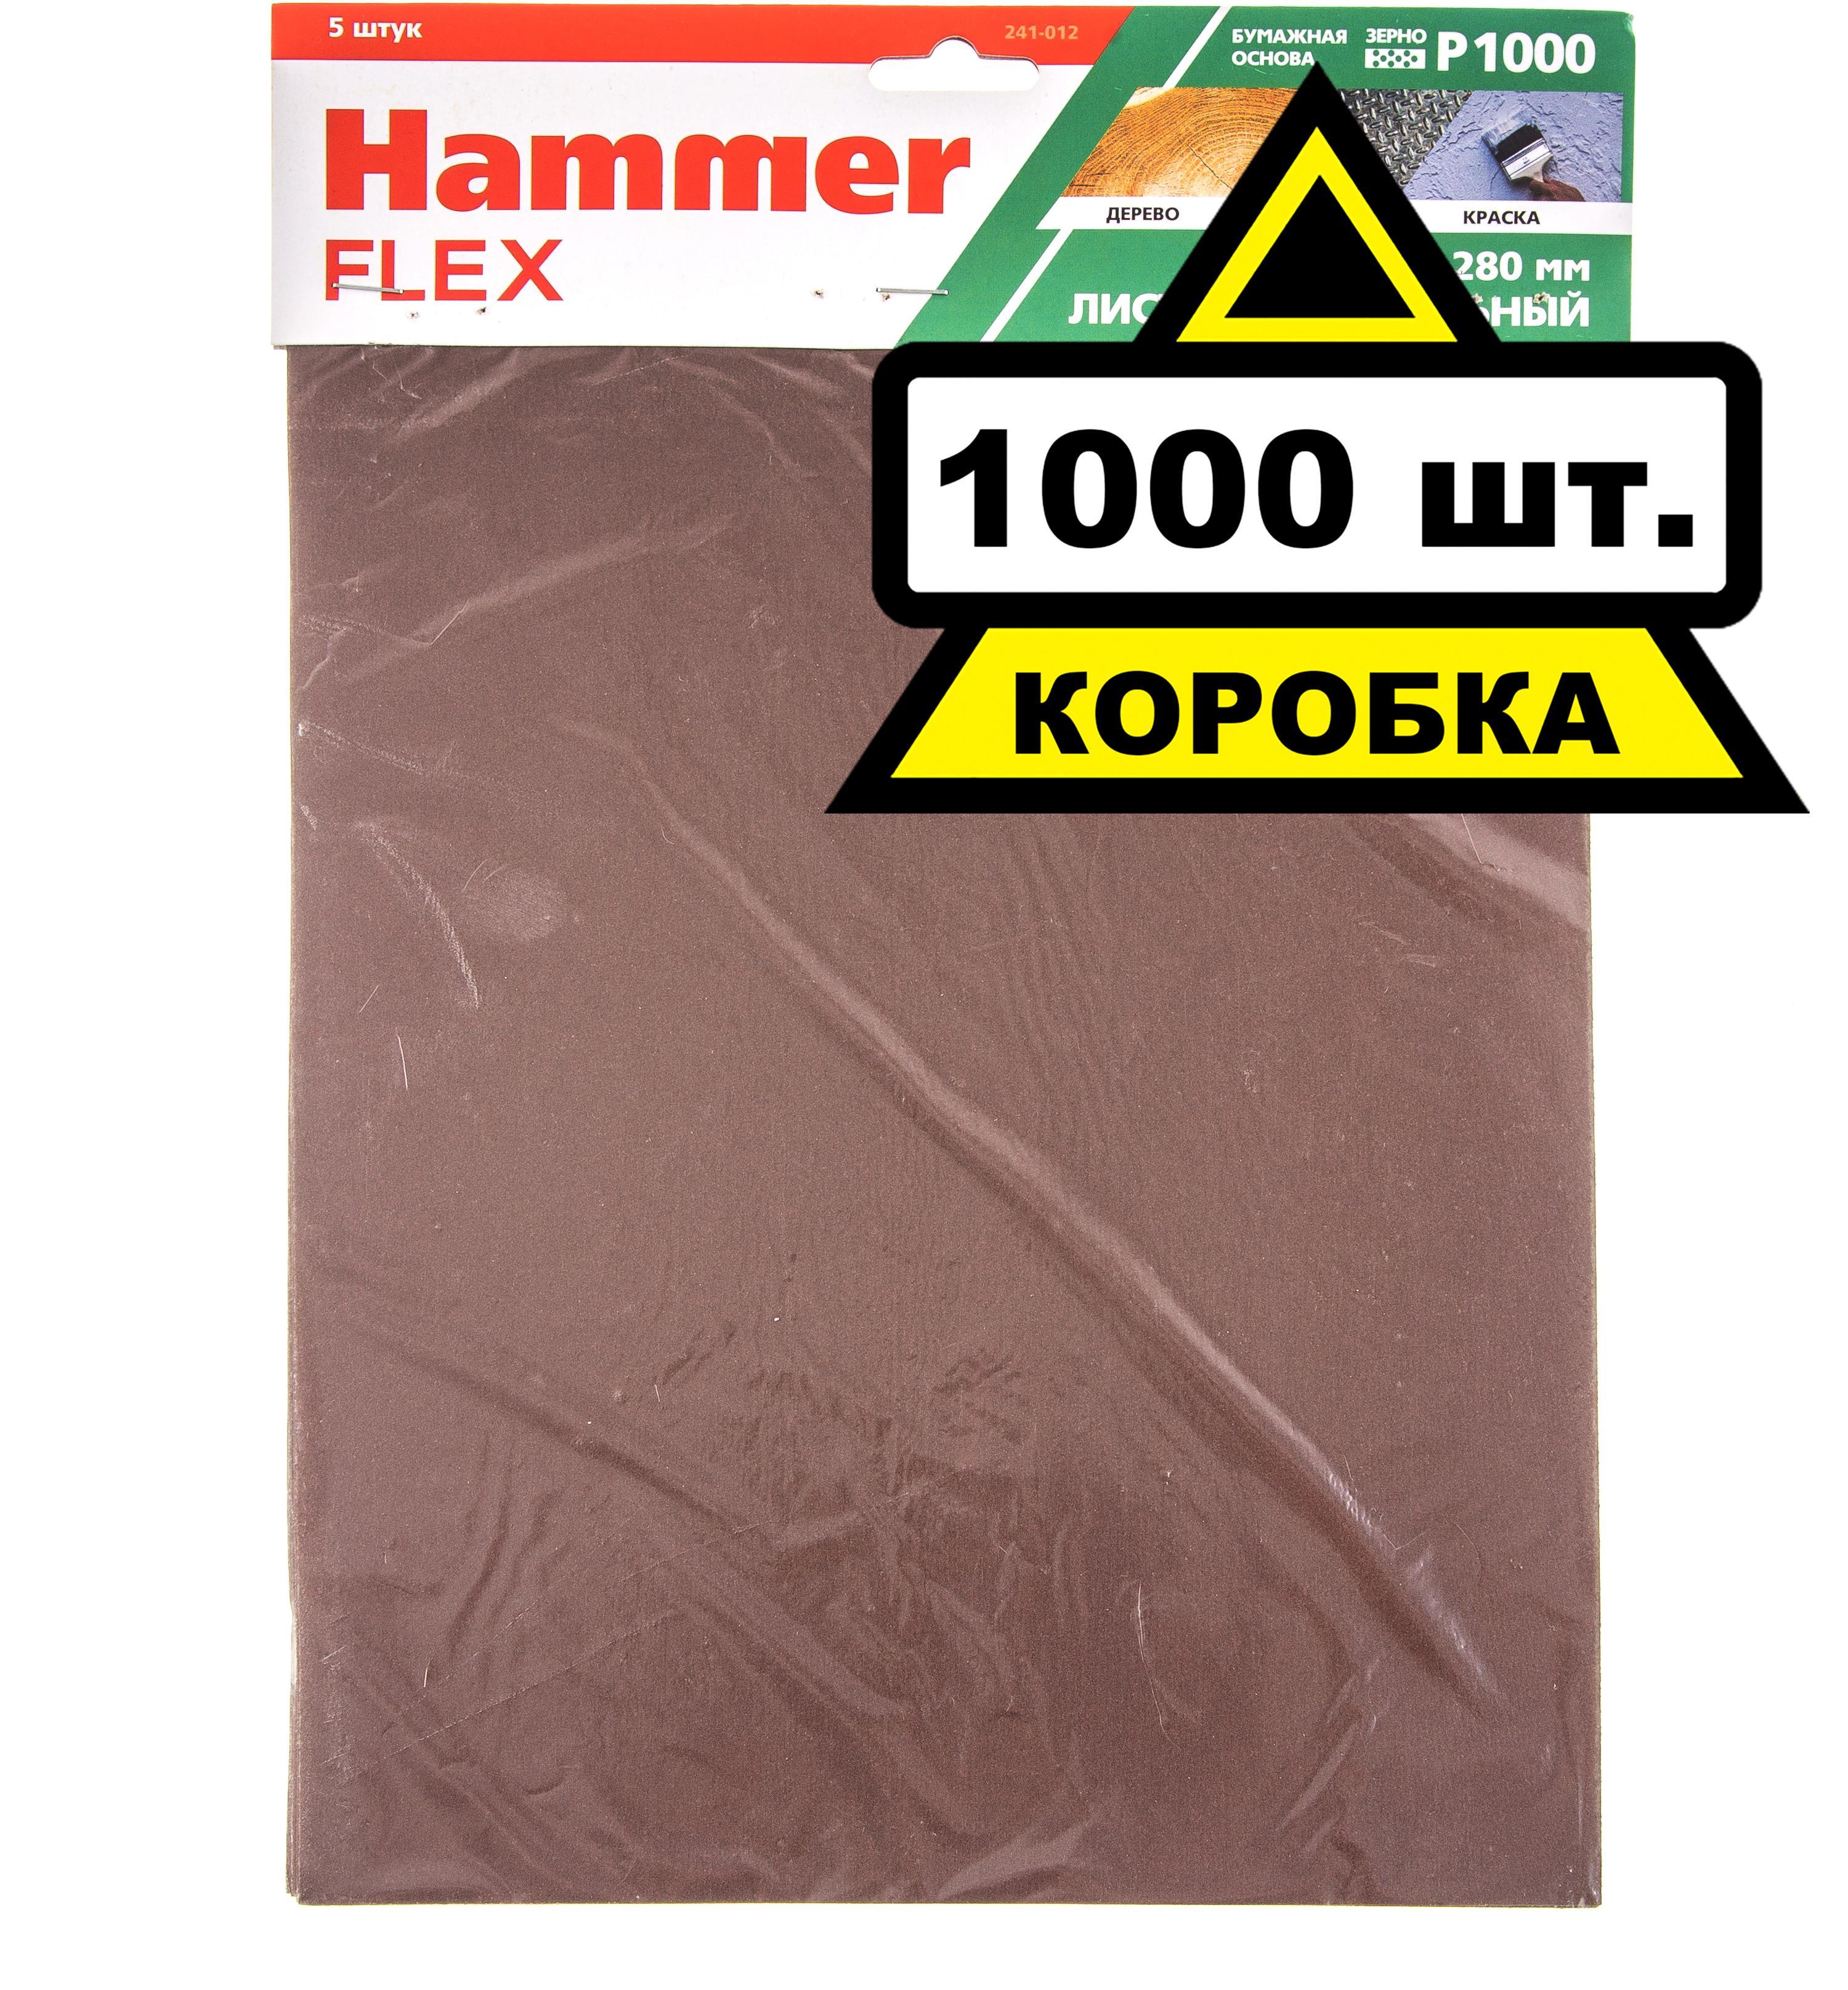 Купить Лист шлифовальный Hammer 230x280мм p1000 бумажная основа